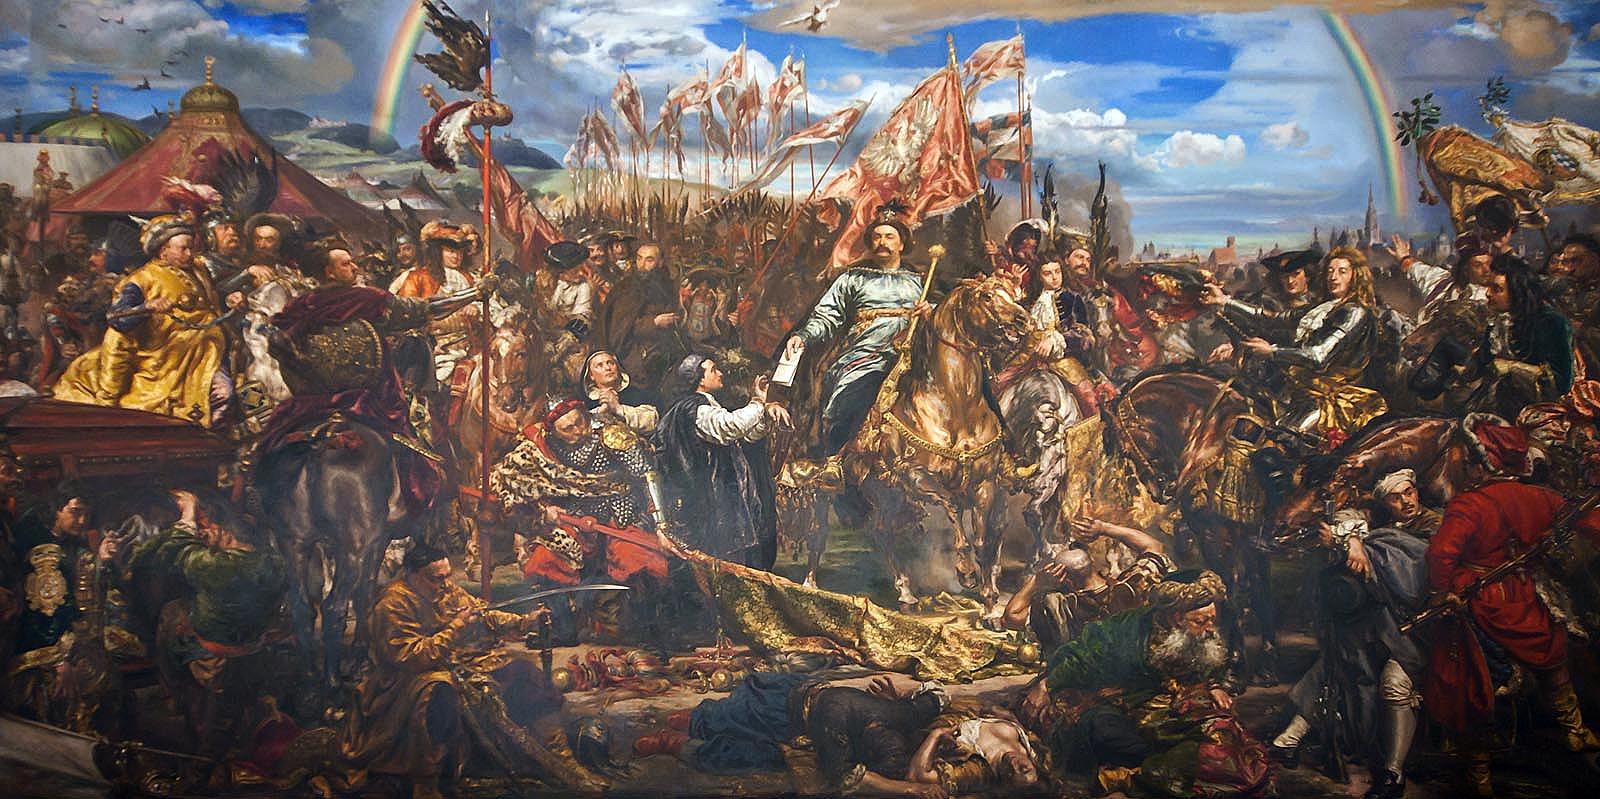 Une reconstitution de la bataille de Vienne pour les JMJ 2016 à Cracovie ?